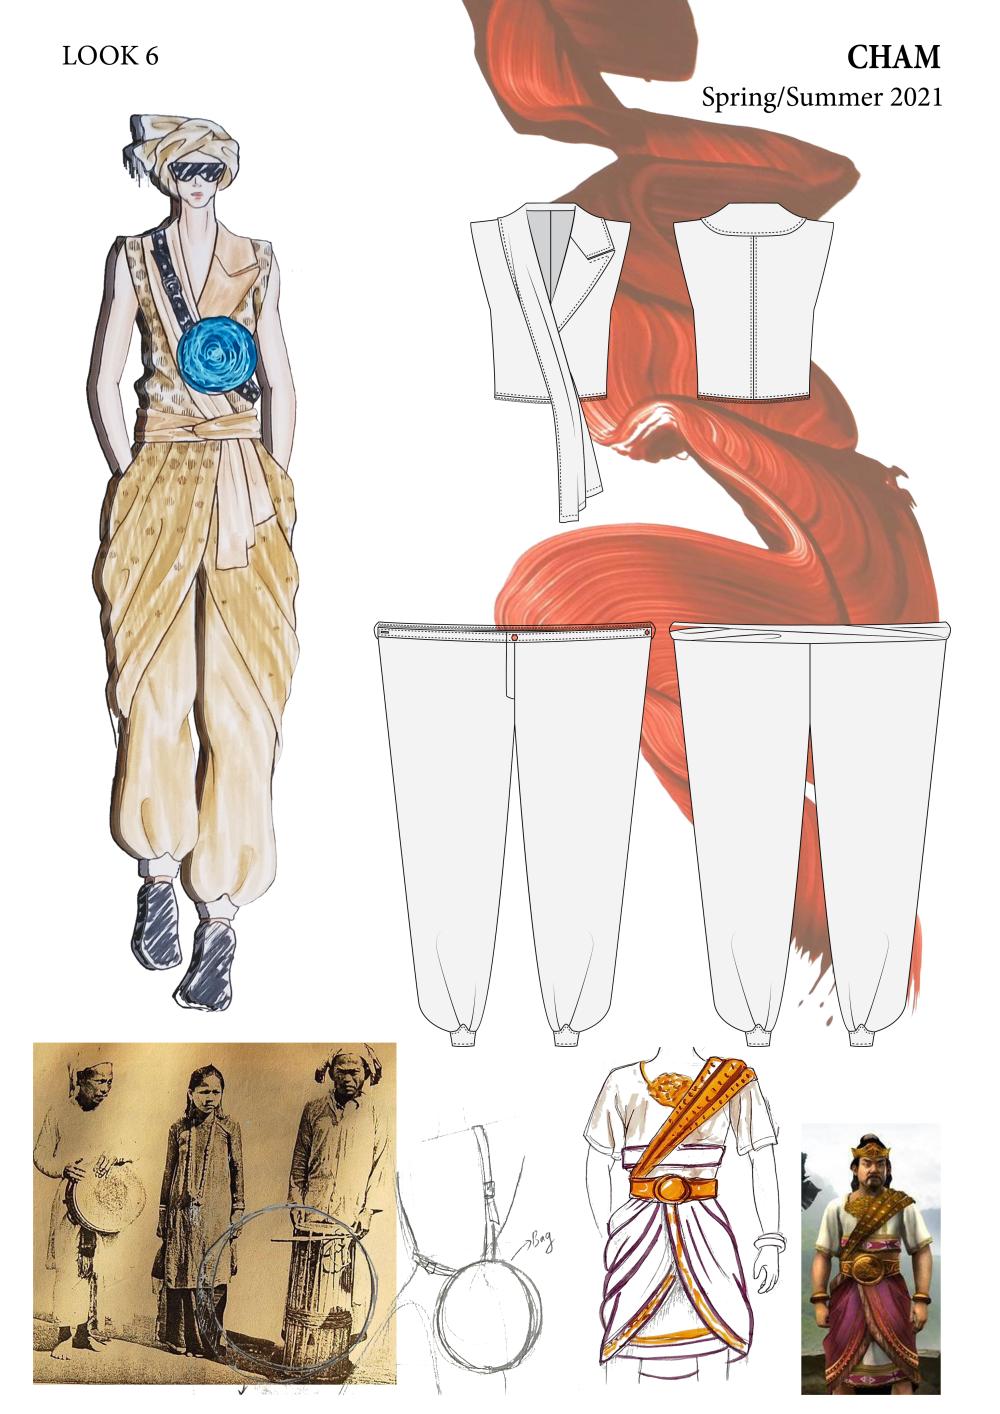 BZ-Harper's-Bazaar-Vietnam-NewGen-2020-hinh-anh-8